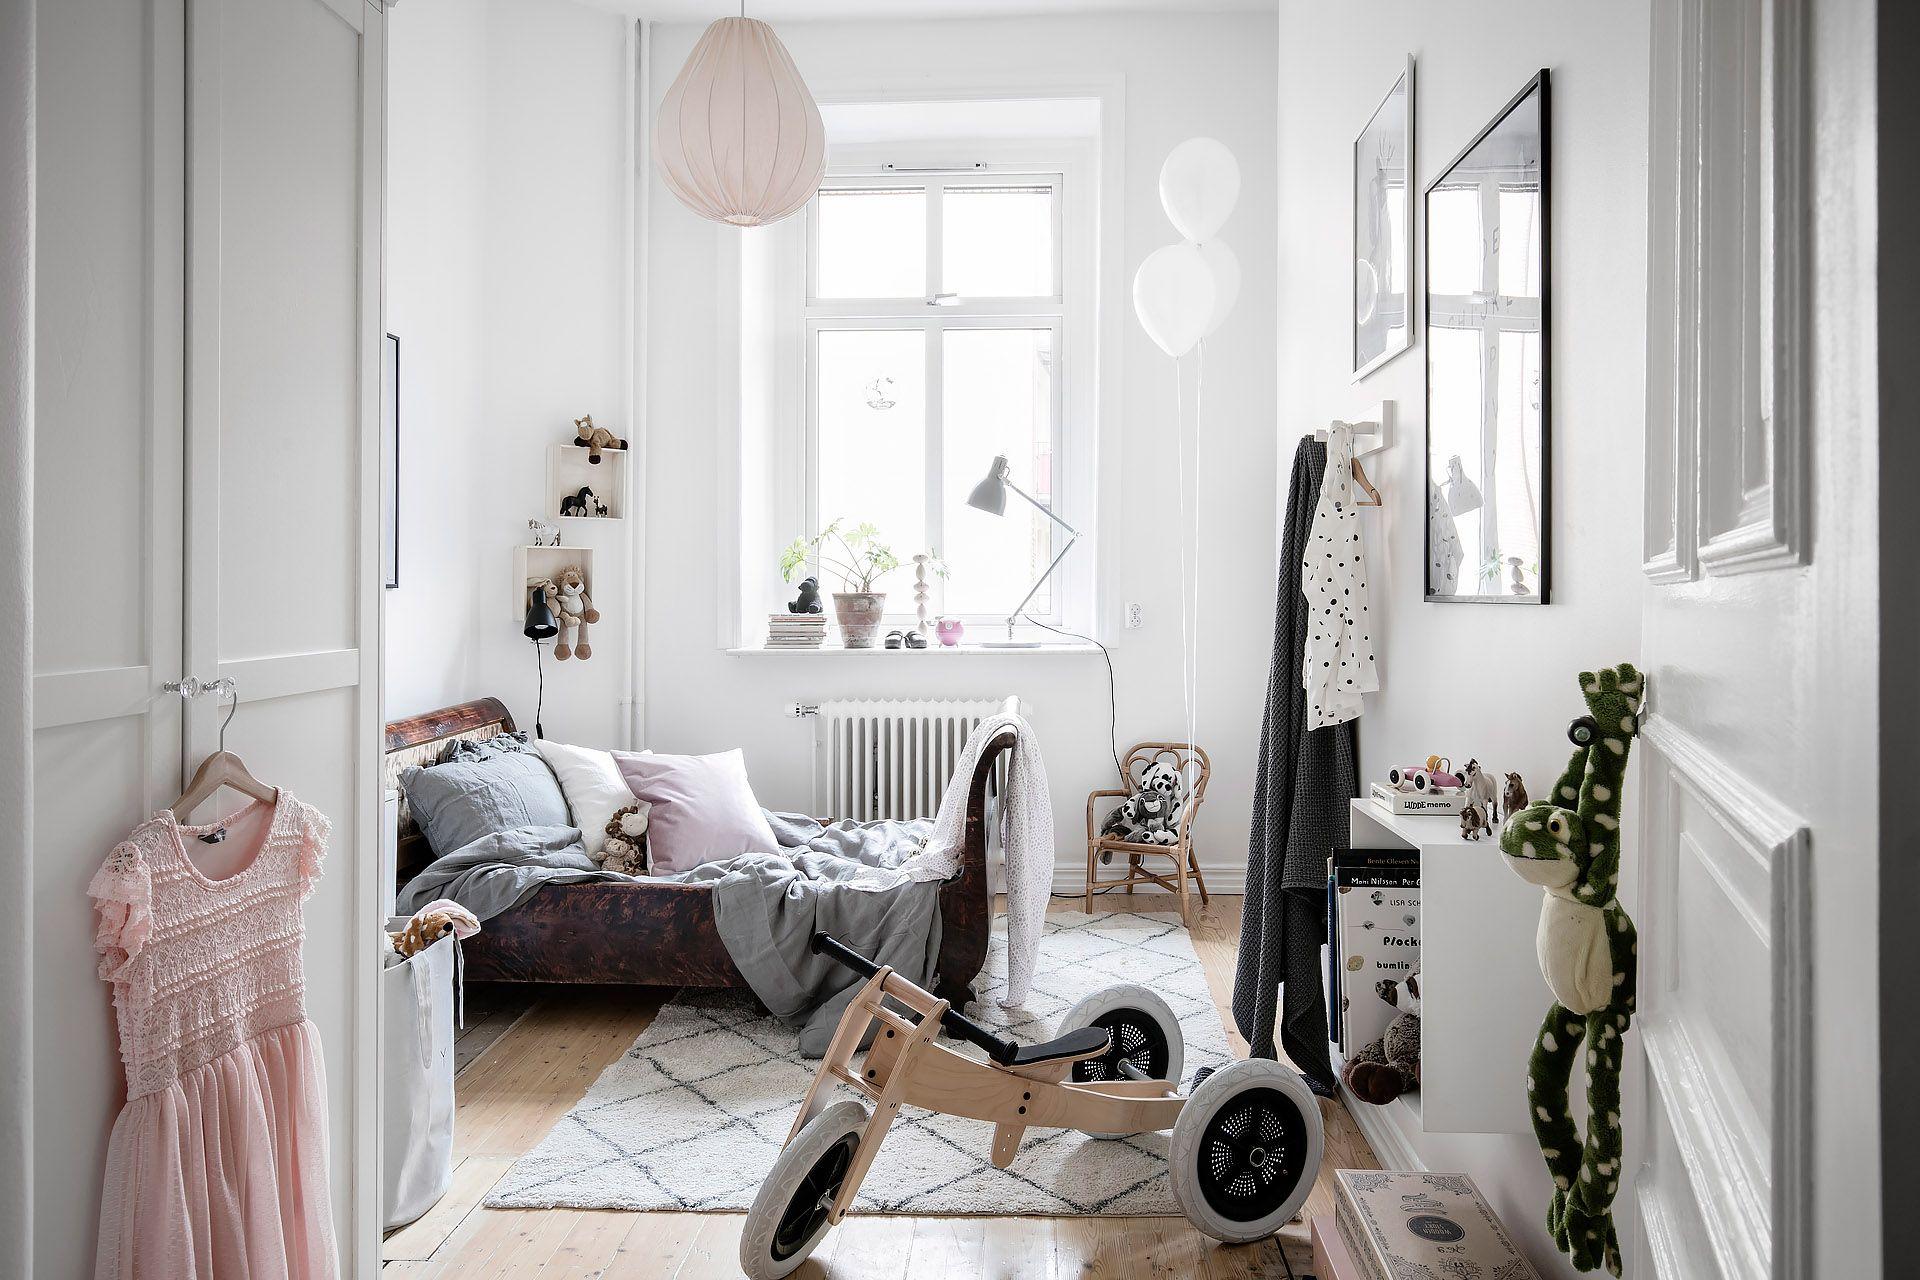 Stijlvolle Speeltafel Kinderkamer : Deze kinderkamer is super leuk ingericht met hele mooie meubels en